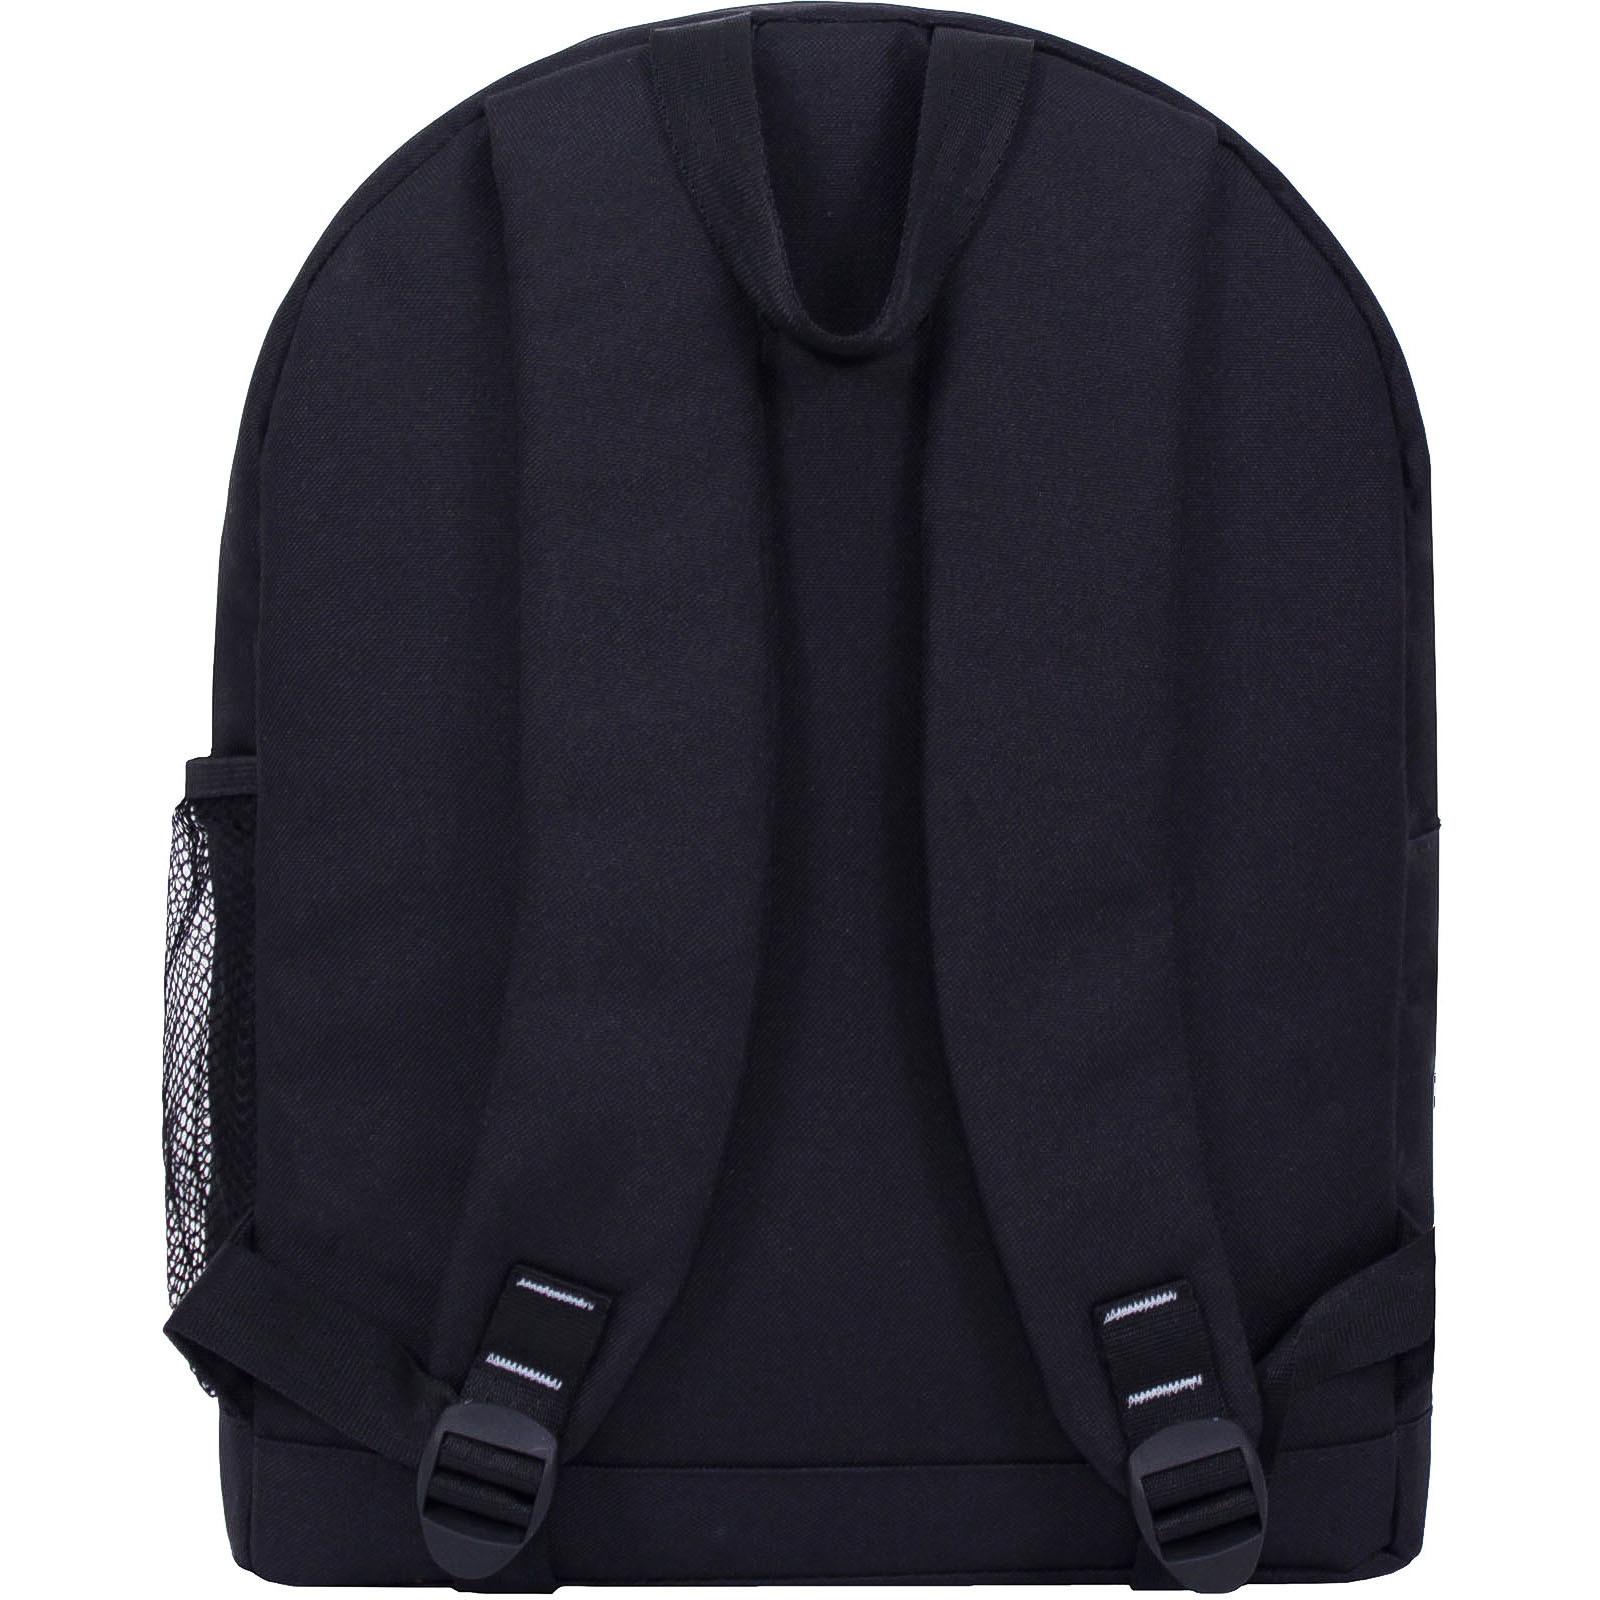 Рюкзак Bagland Молодежный W/R 17 л. черный 469 (00533662) фото 3